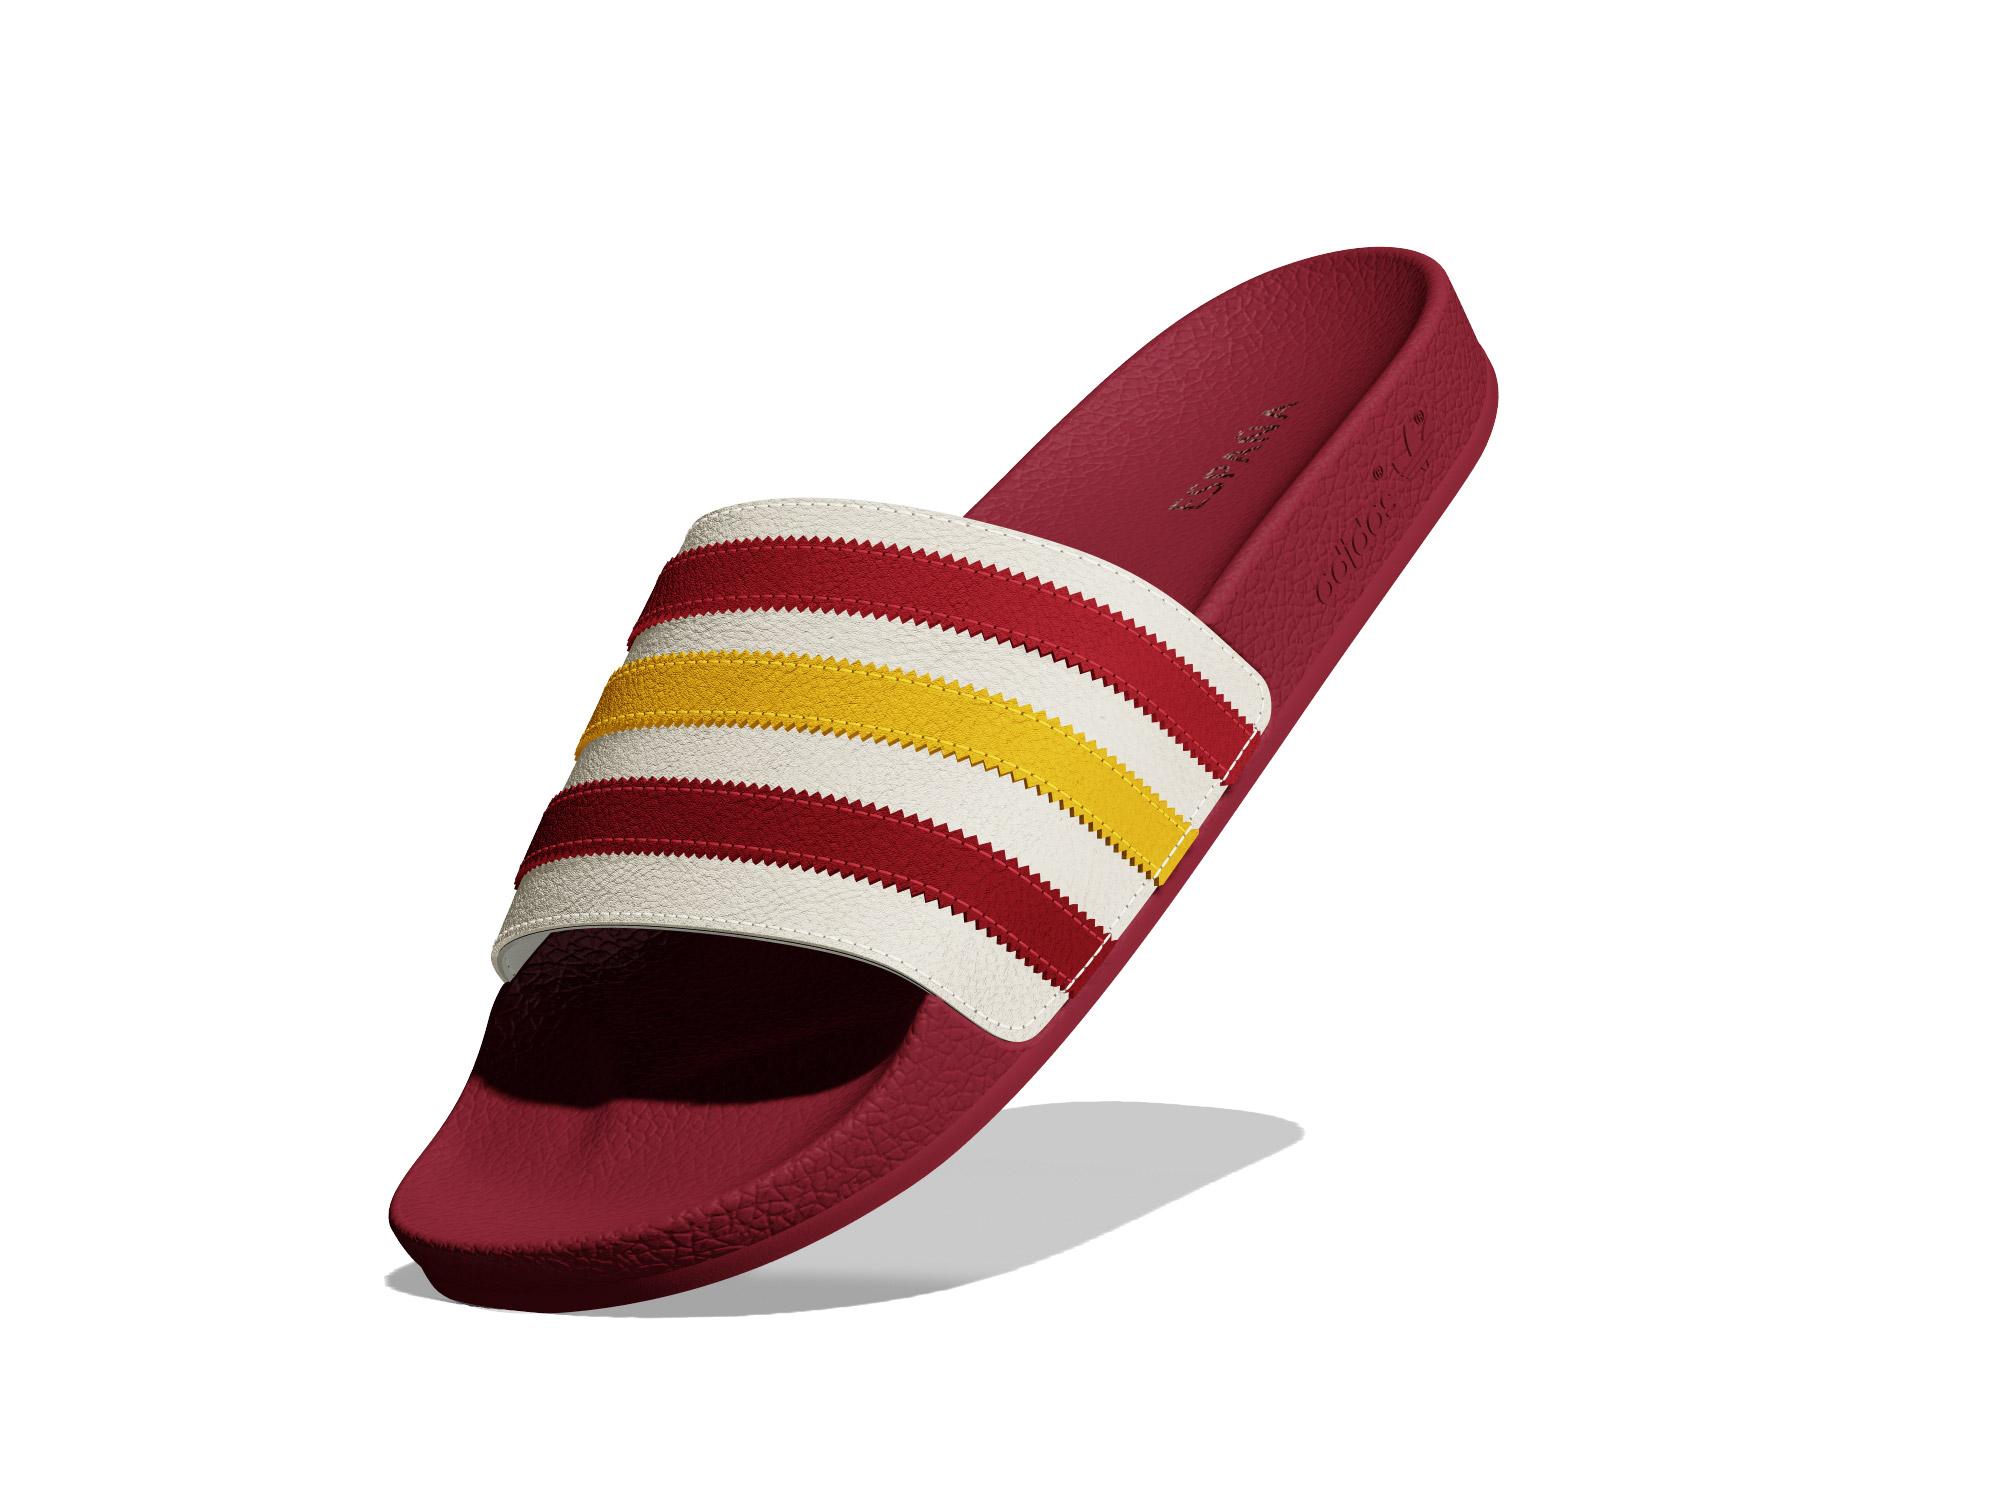 adidas-mi-adilette-world-cup-spagna